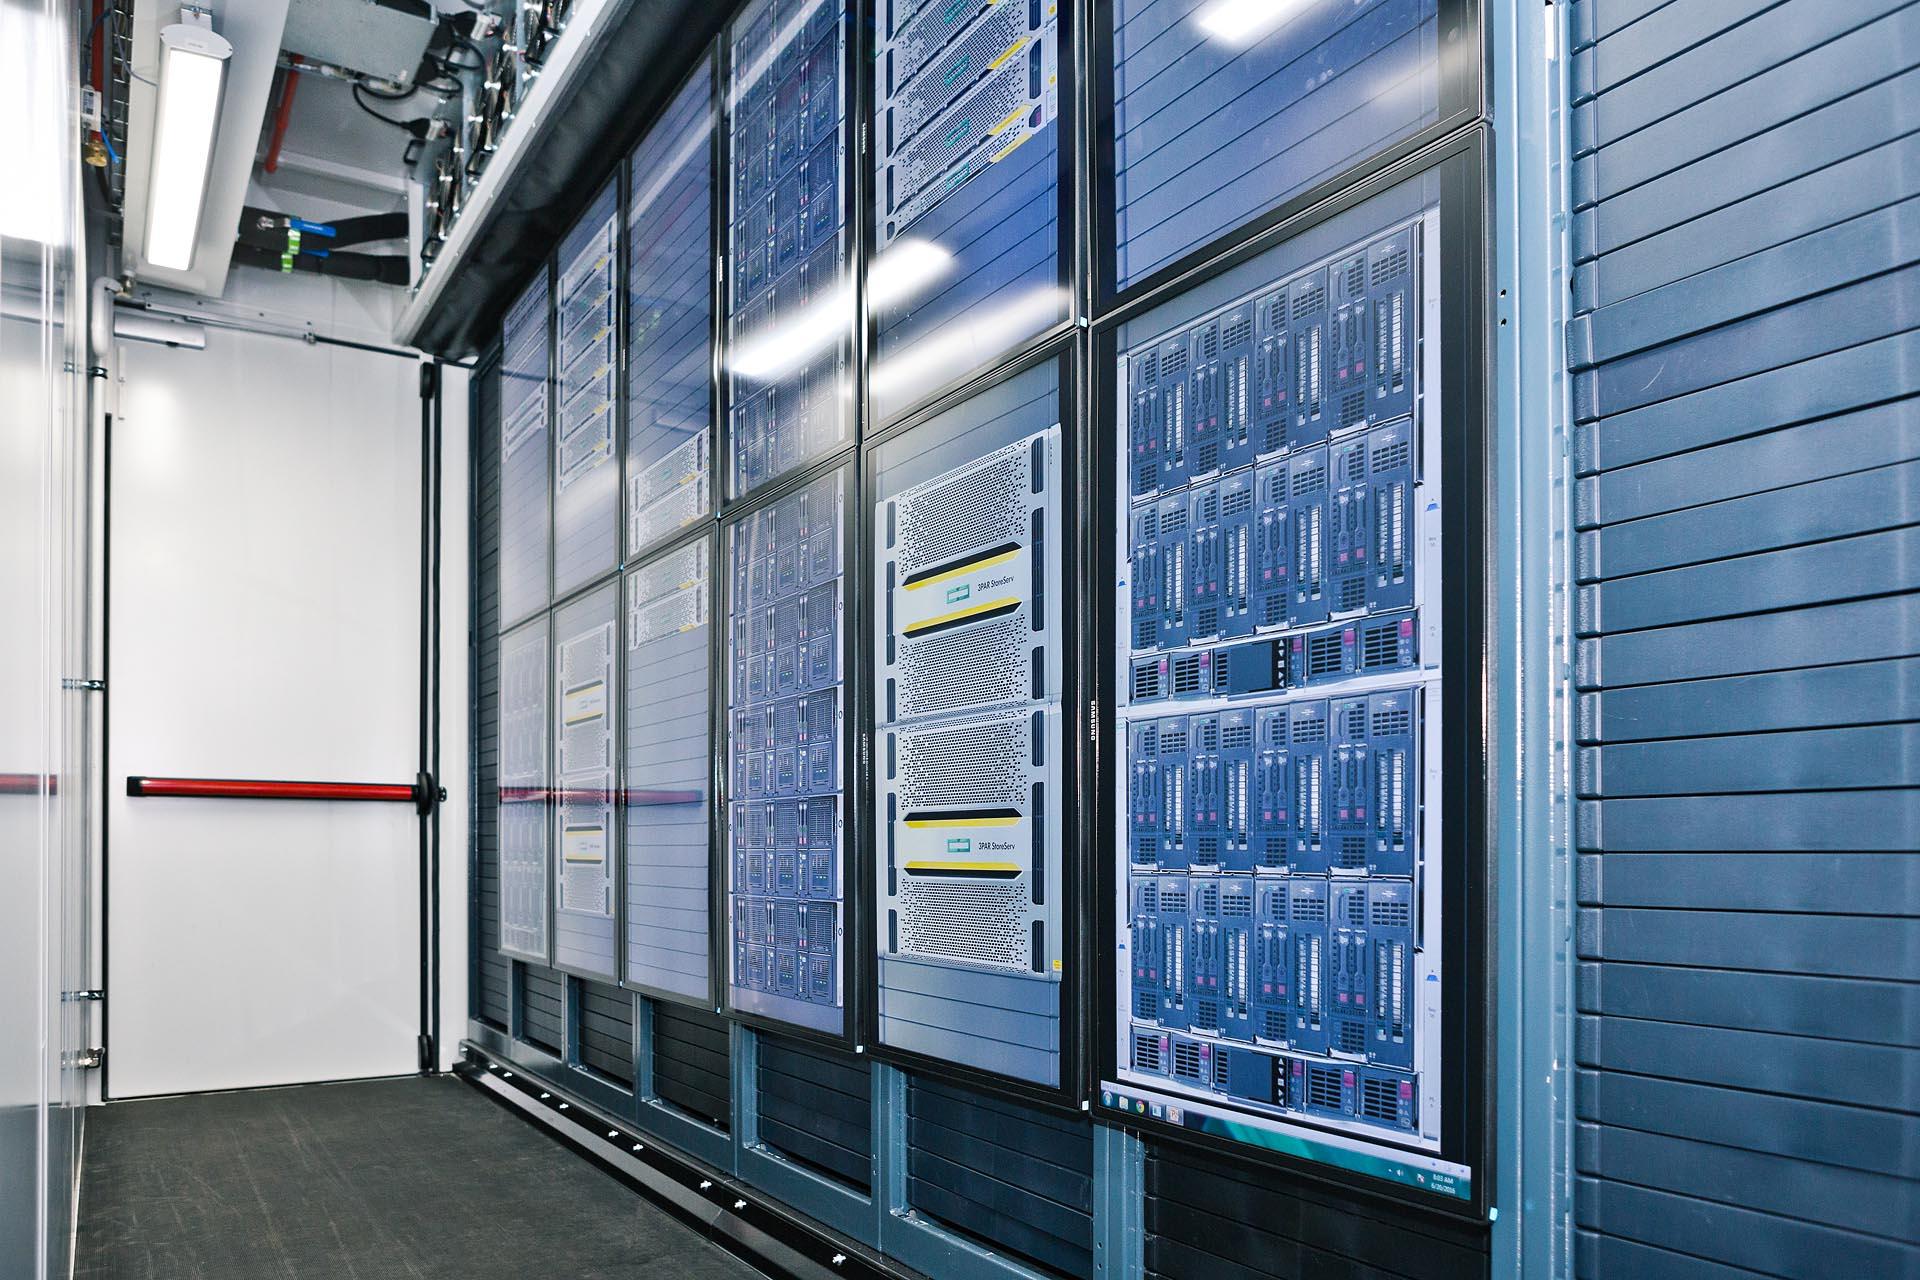 Server Super Computer